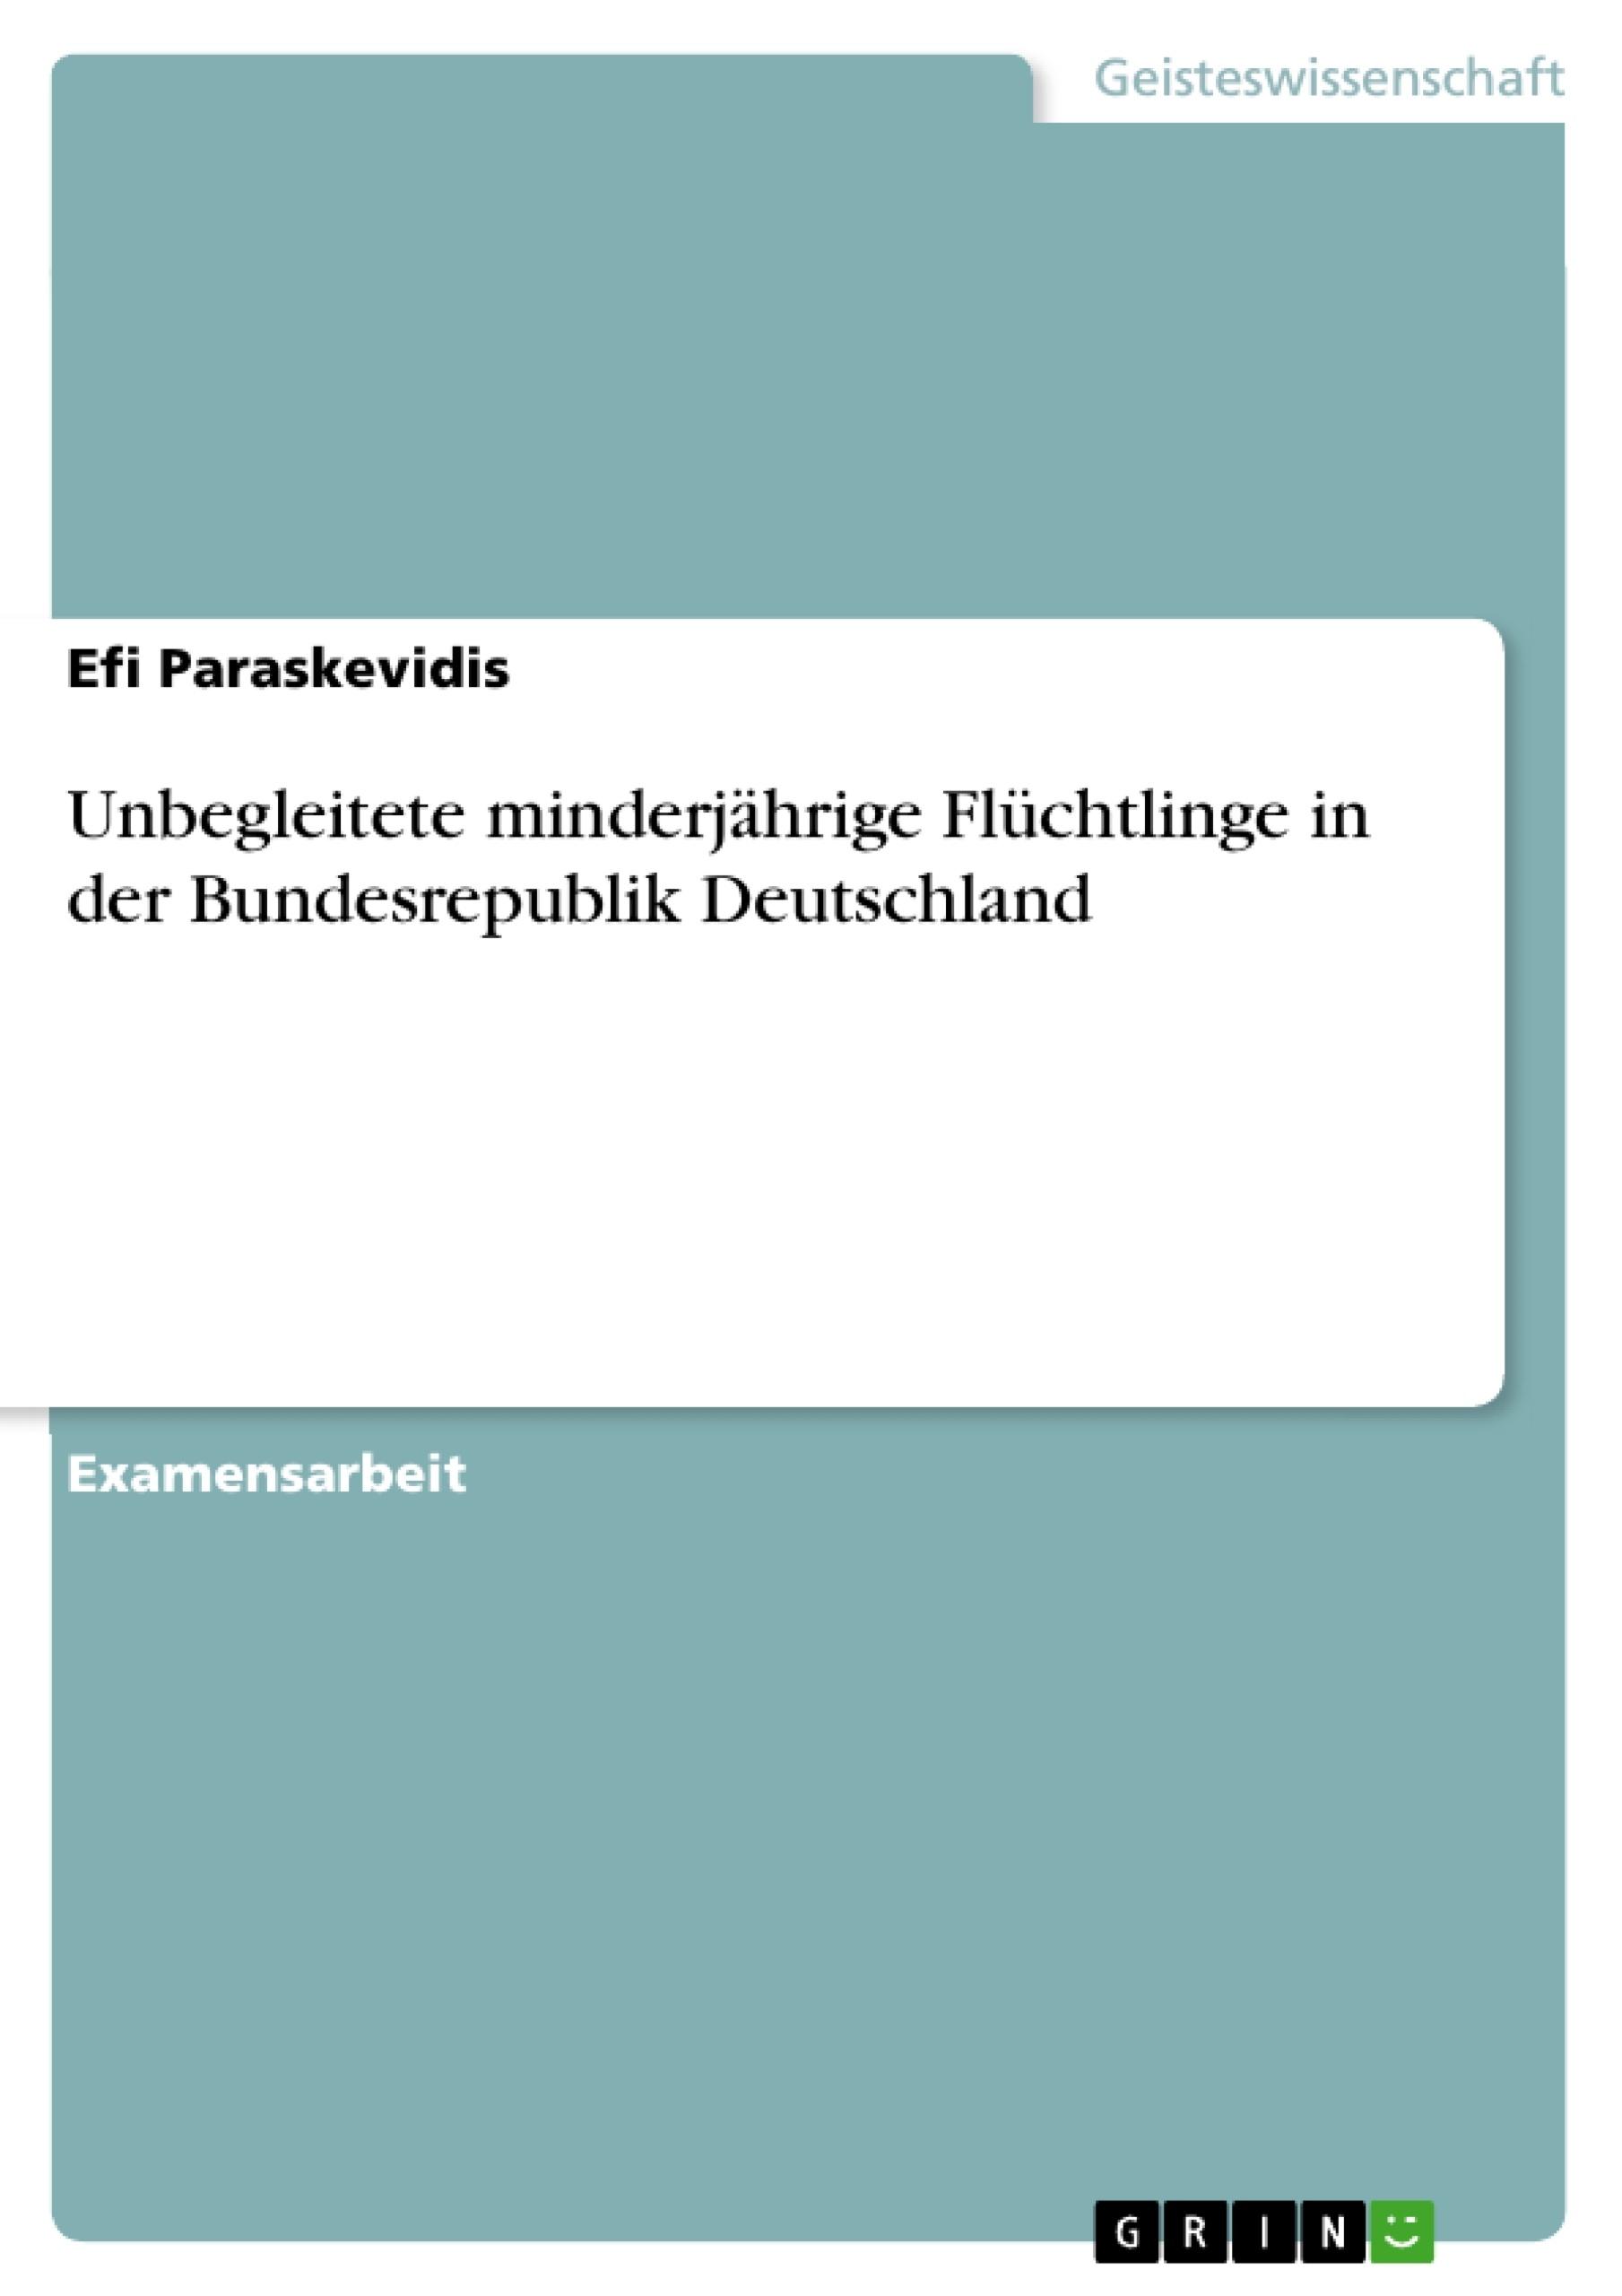 Titel: Unbegleitete minderjährige Flüchtlinge in der Bundesrepublik Deutschland